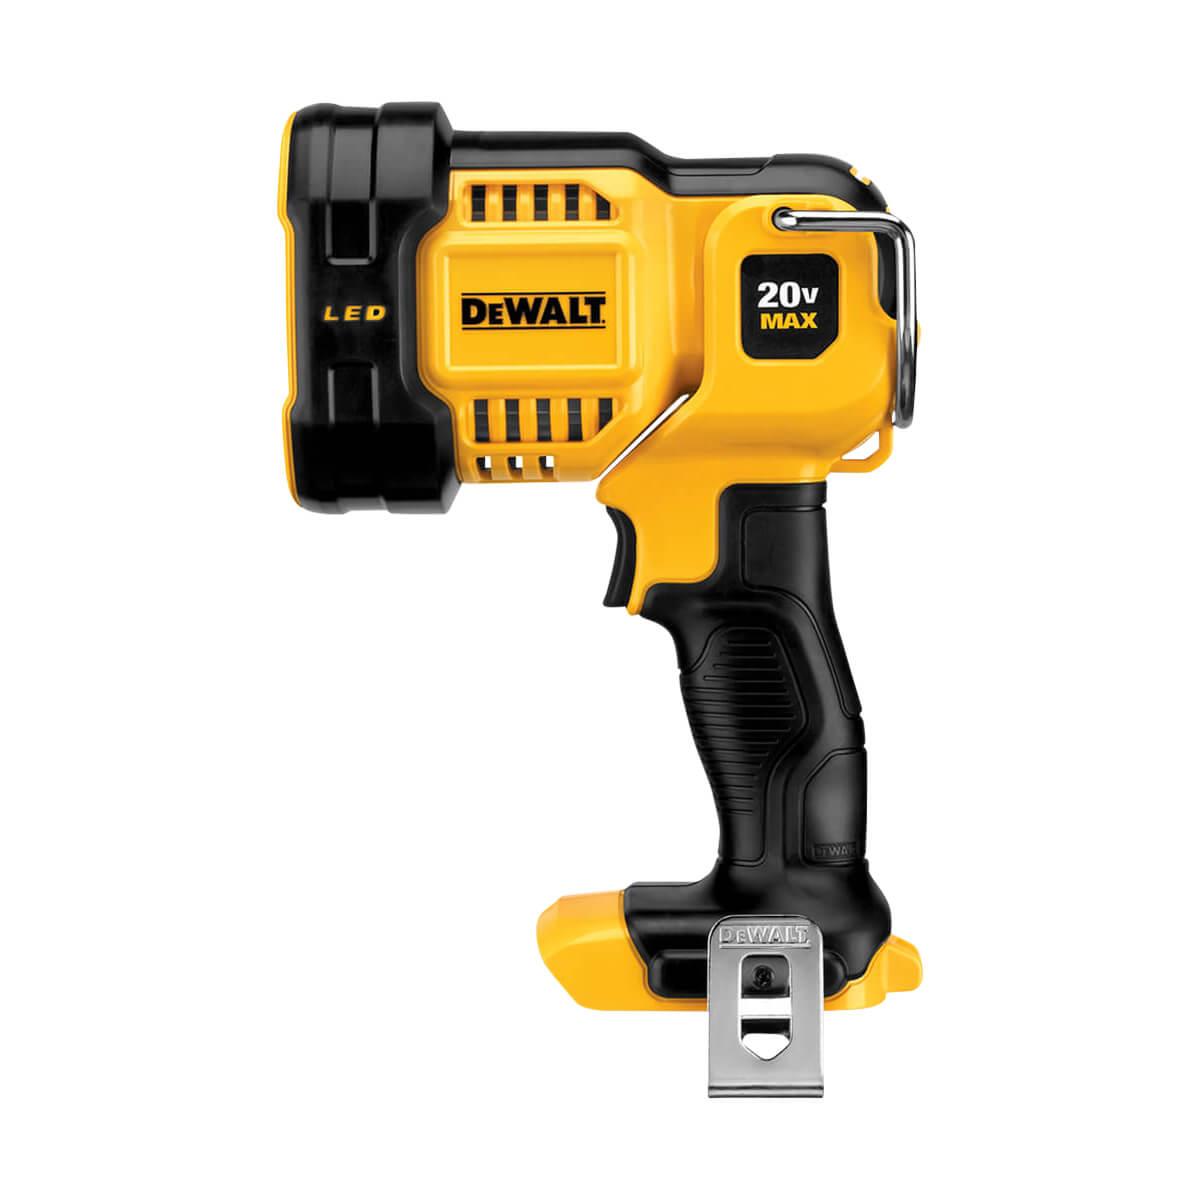 DEWALT 20V MAX* Li-Ion Jobsite Work Light - Bare Tool